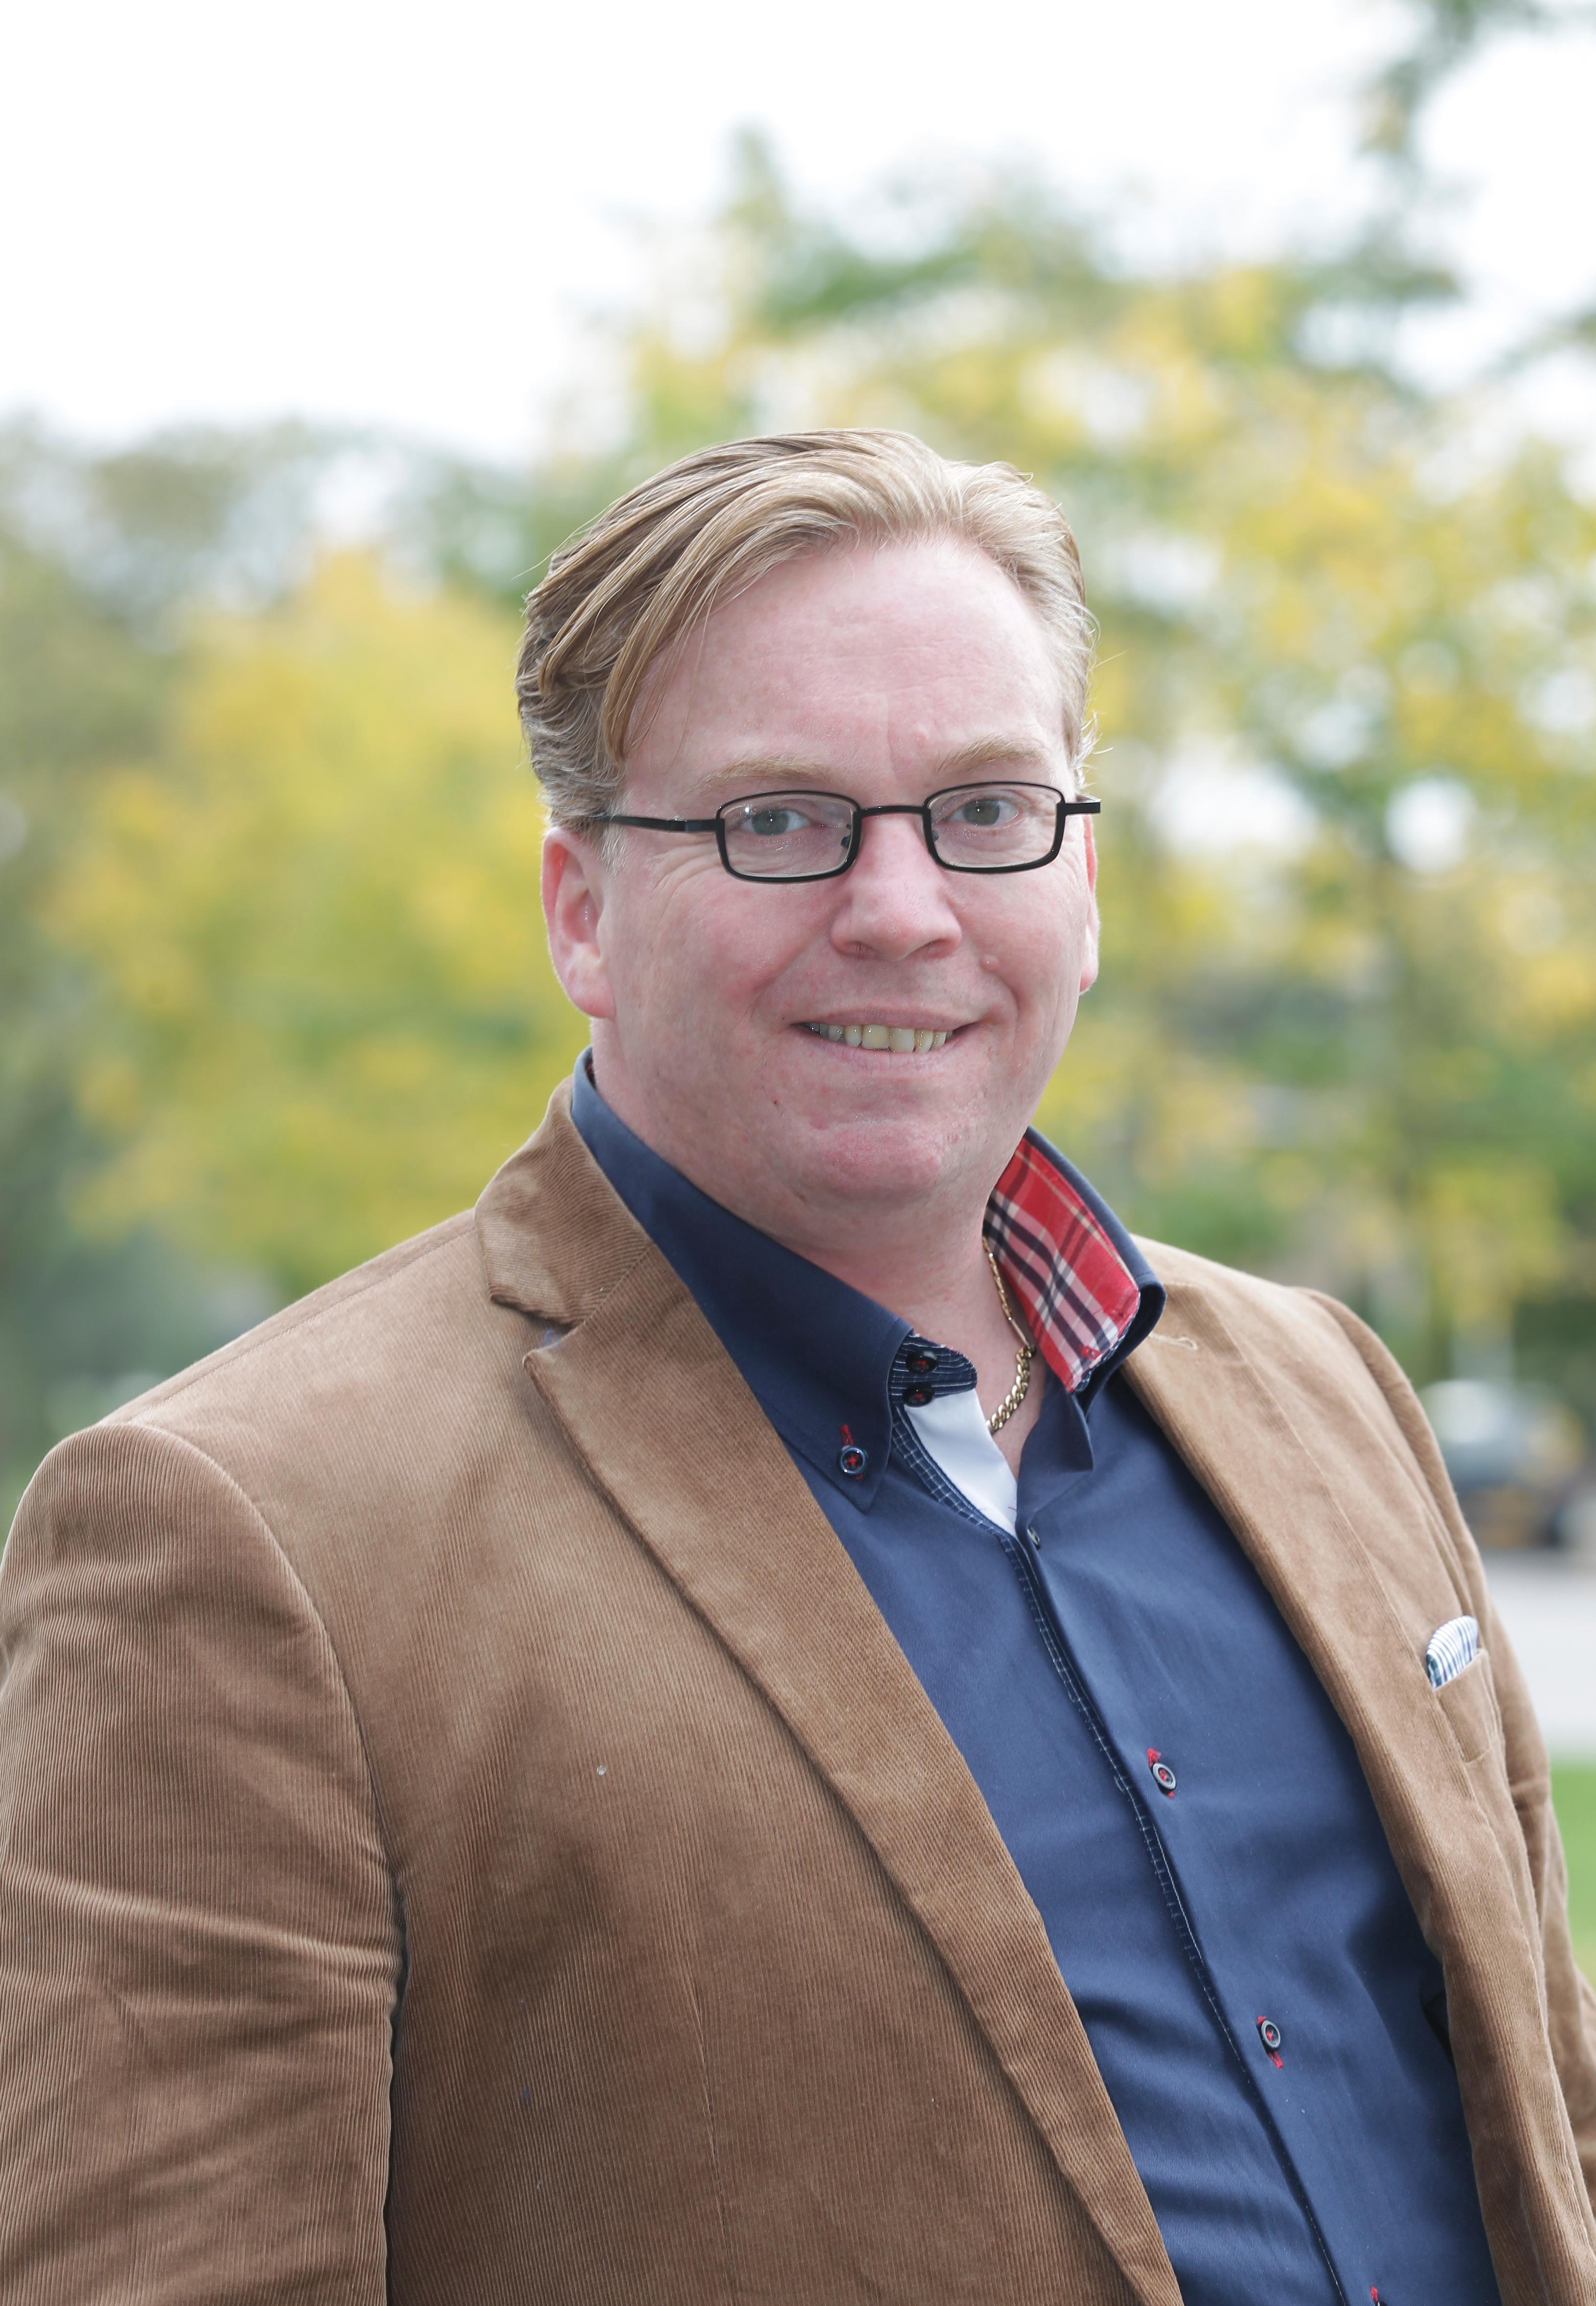 Ivo van Ravensteijn